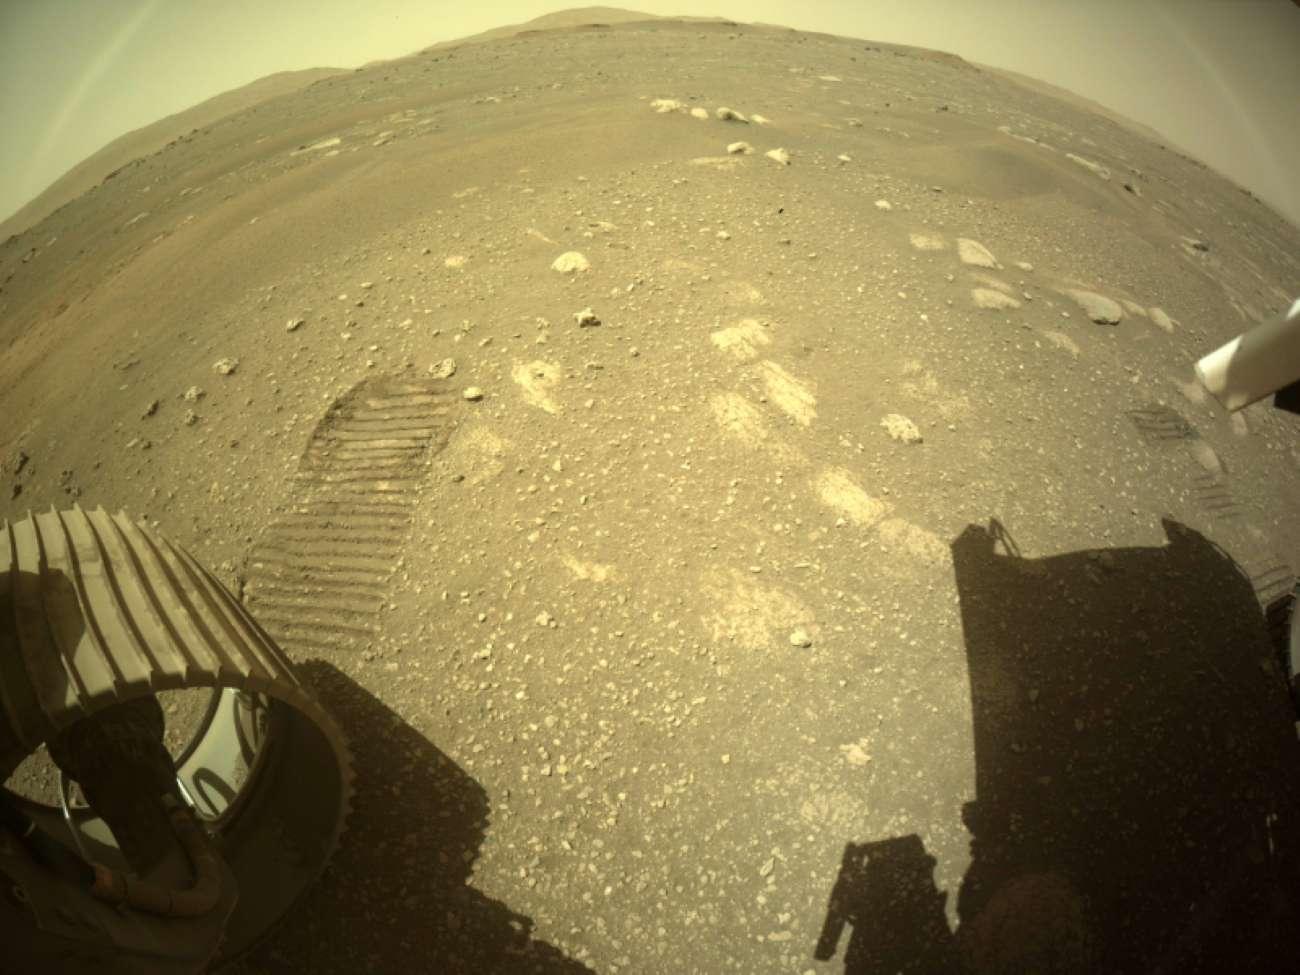 Марсоход Perseverance впервые после посадки проехал по поверхности планеты - фото 4